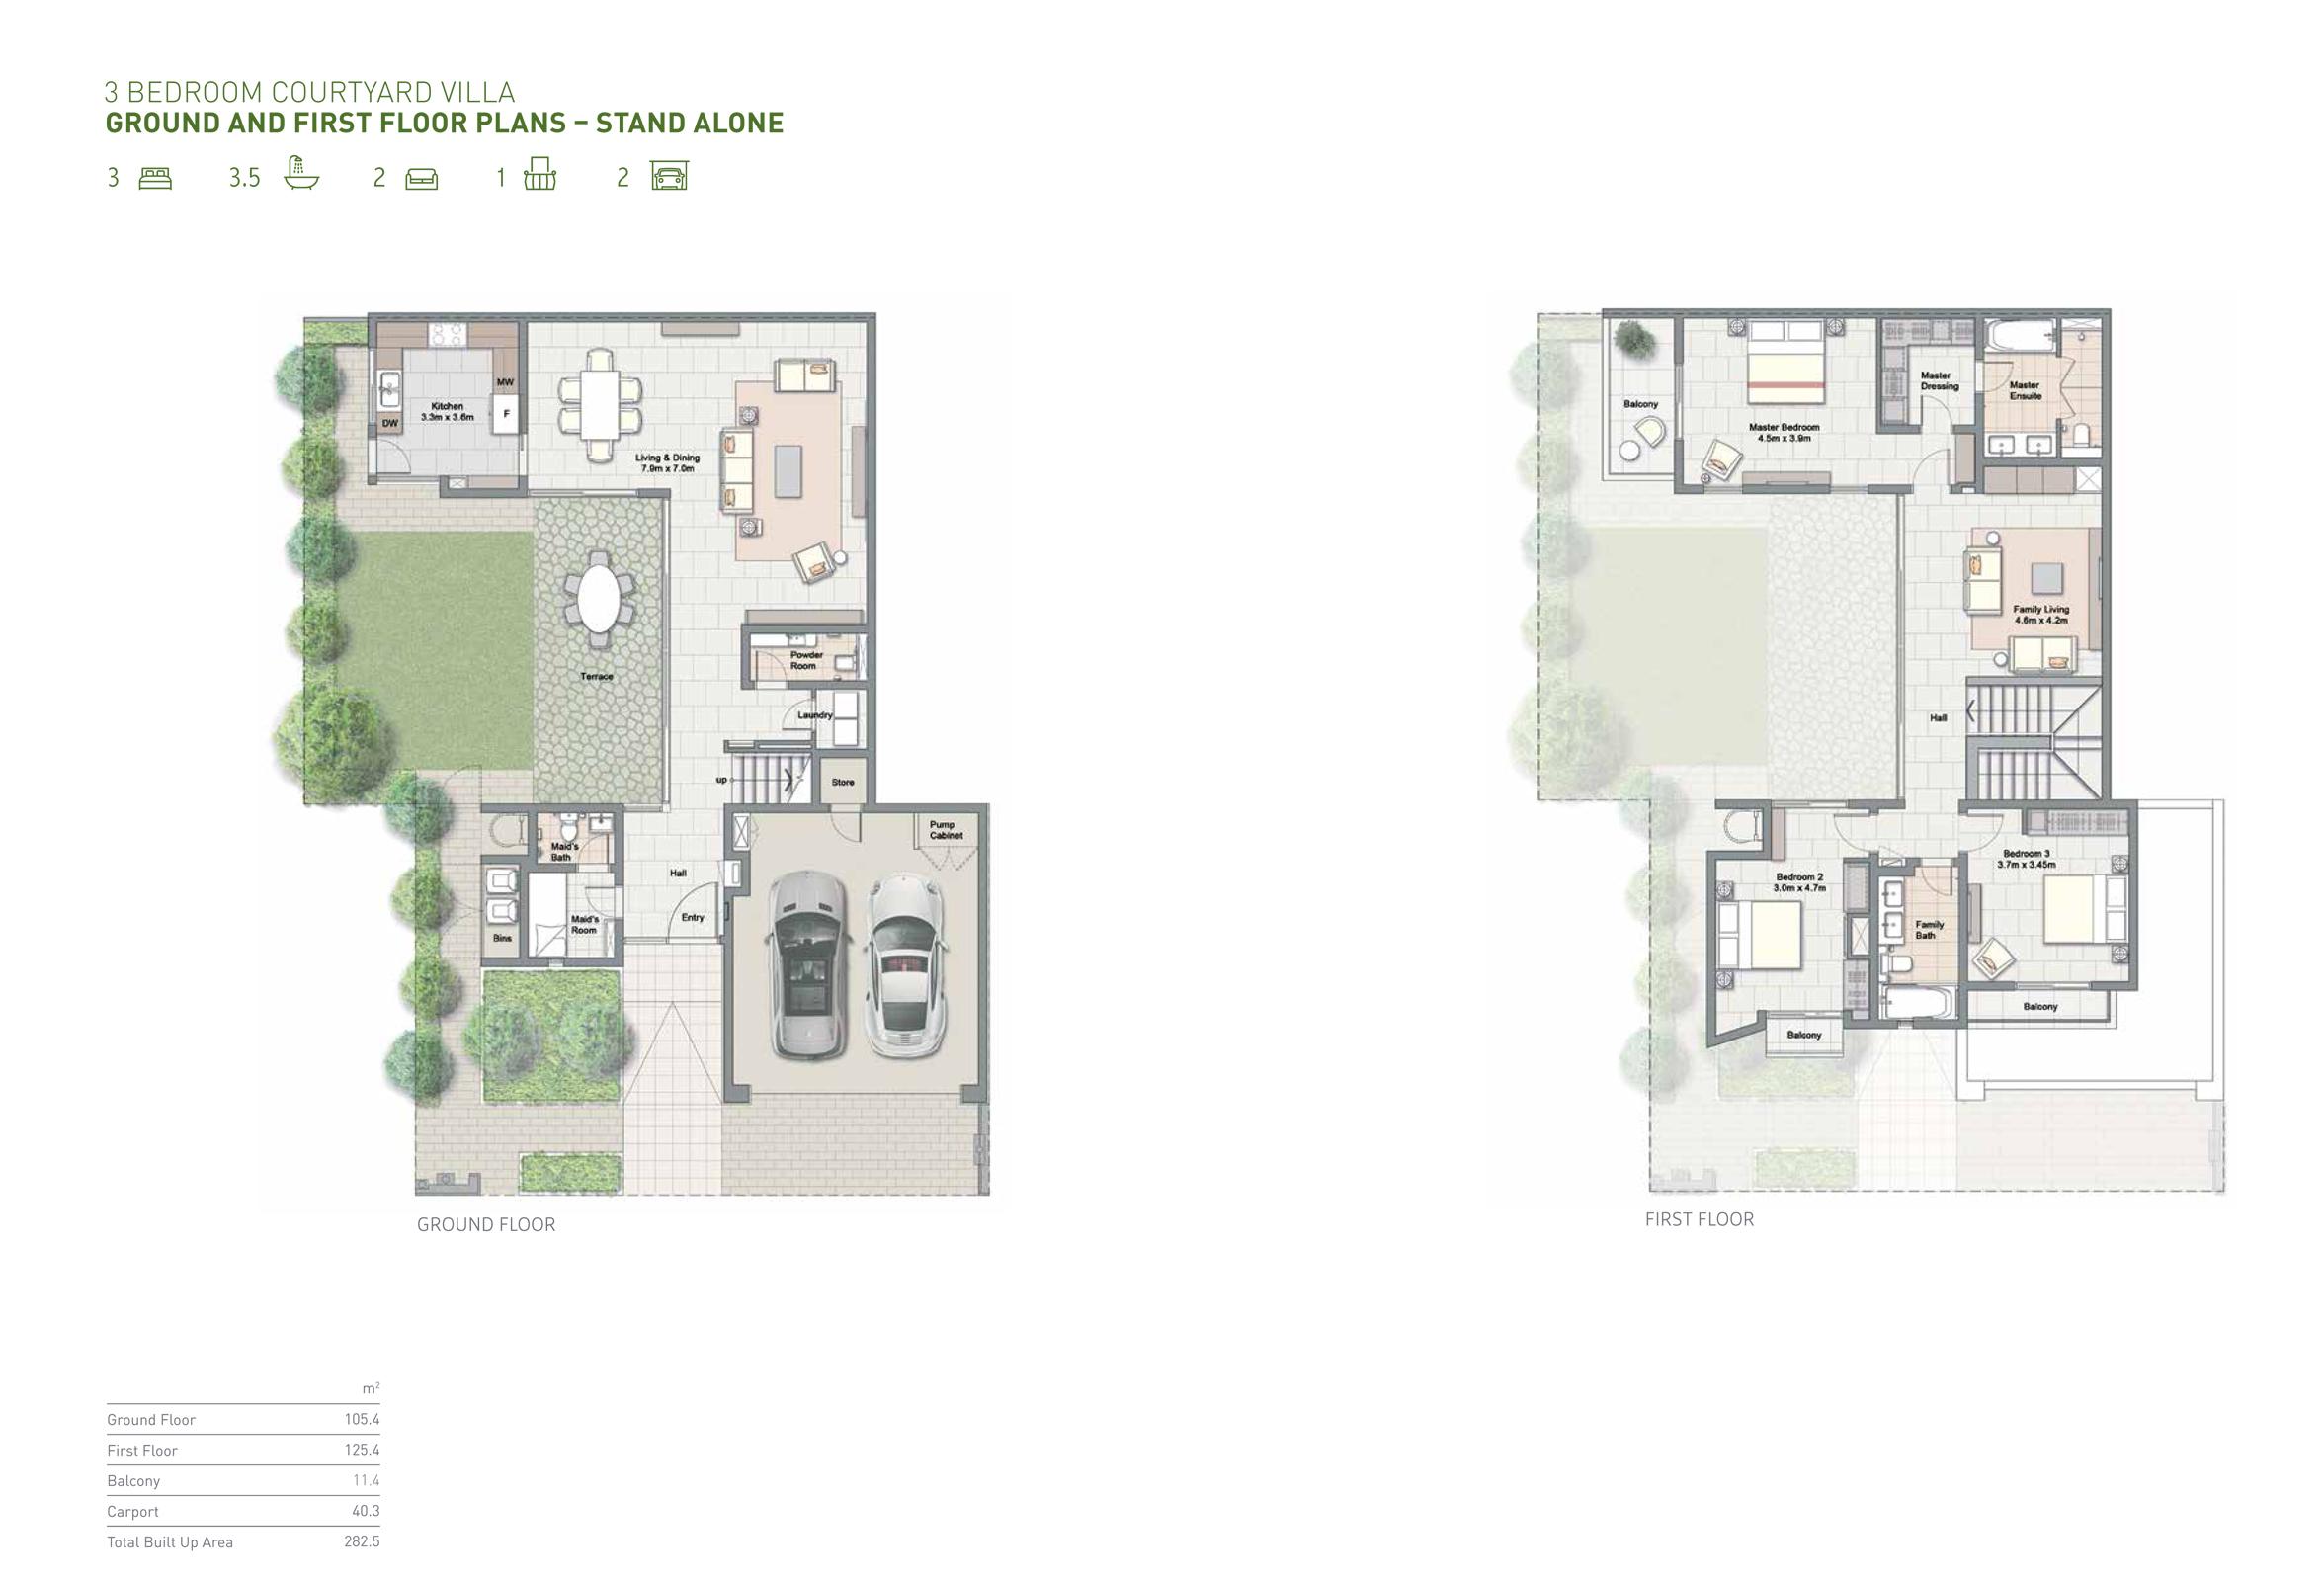 ثلاث غرف نوم – كورت يارد فيلا  – حجم 282 متر مربع